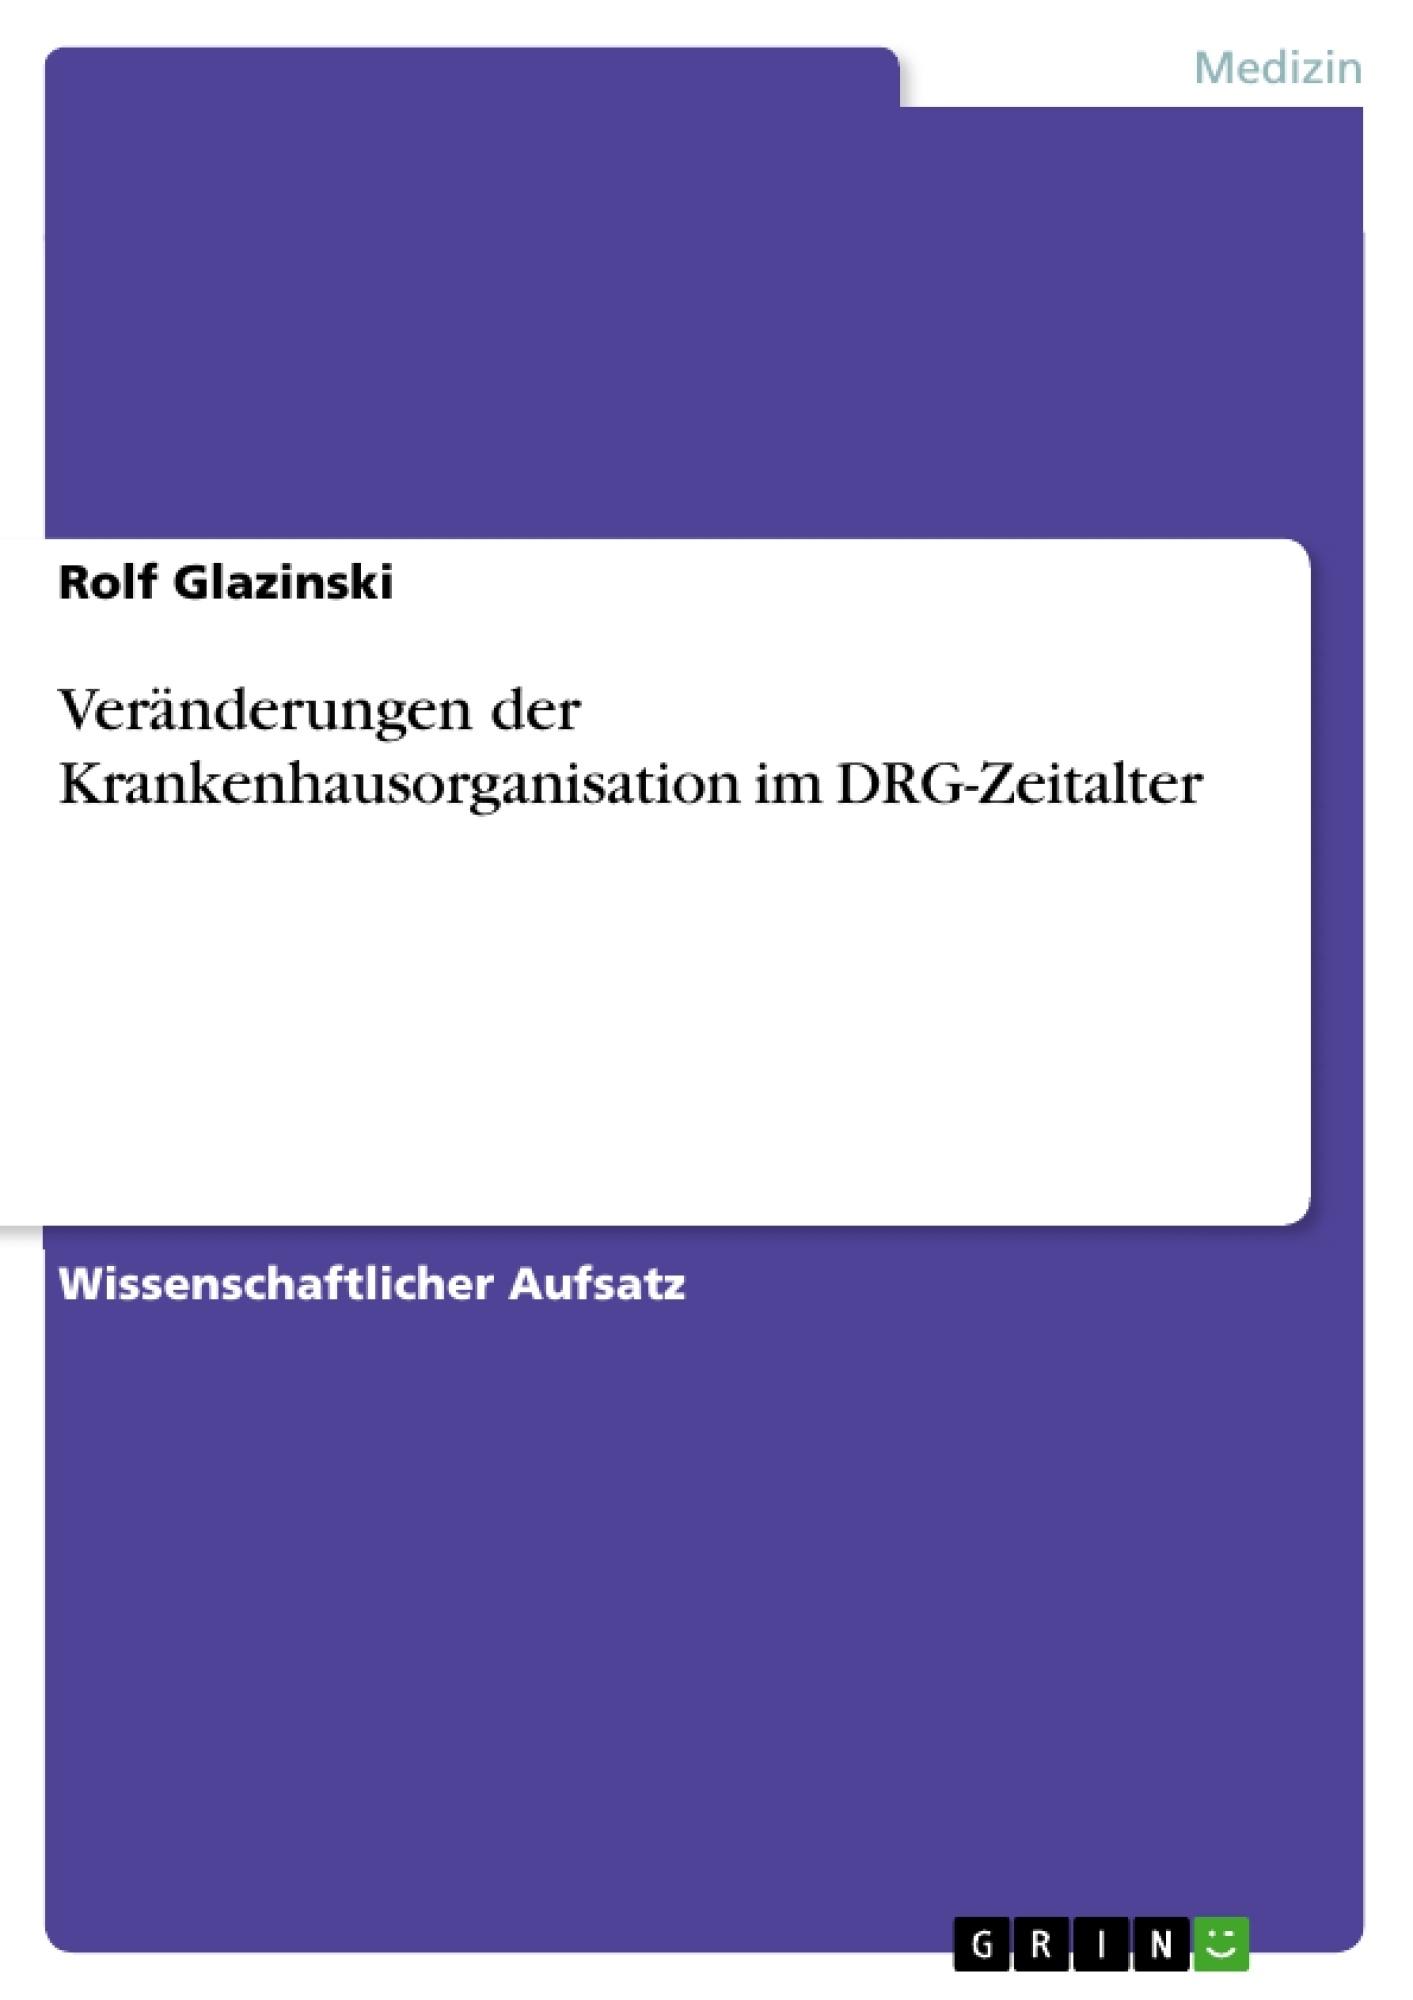 Titel: Veränderungen der Krankenhausorganisation im DRG-Zeitalter